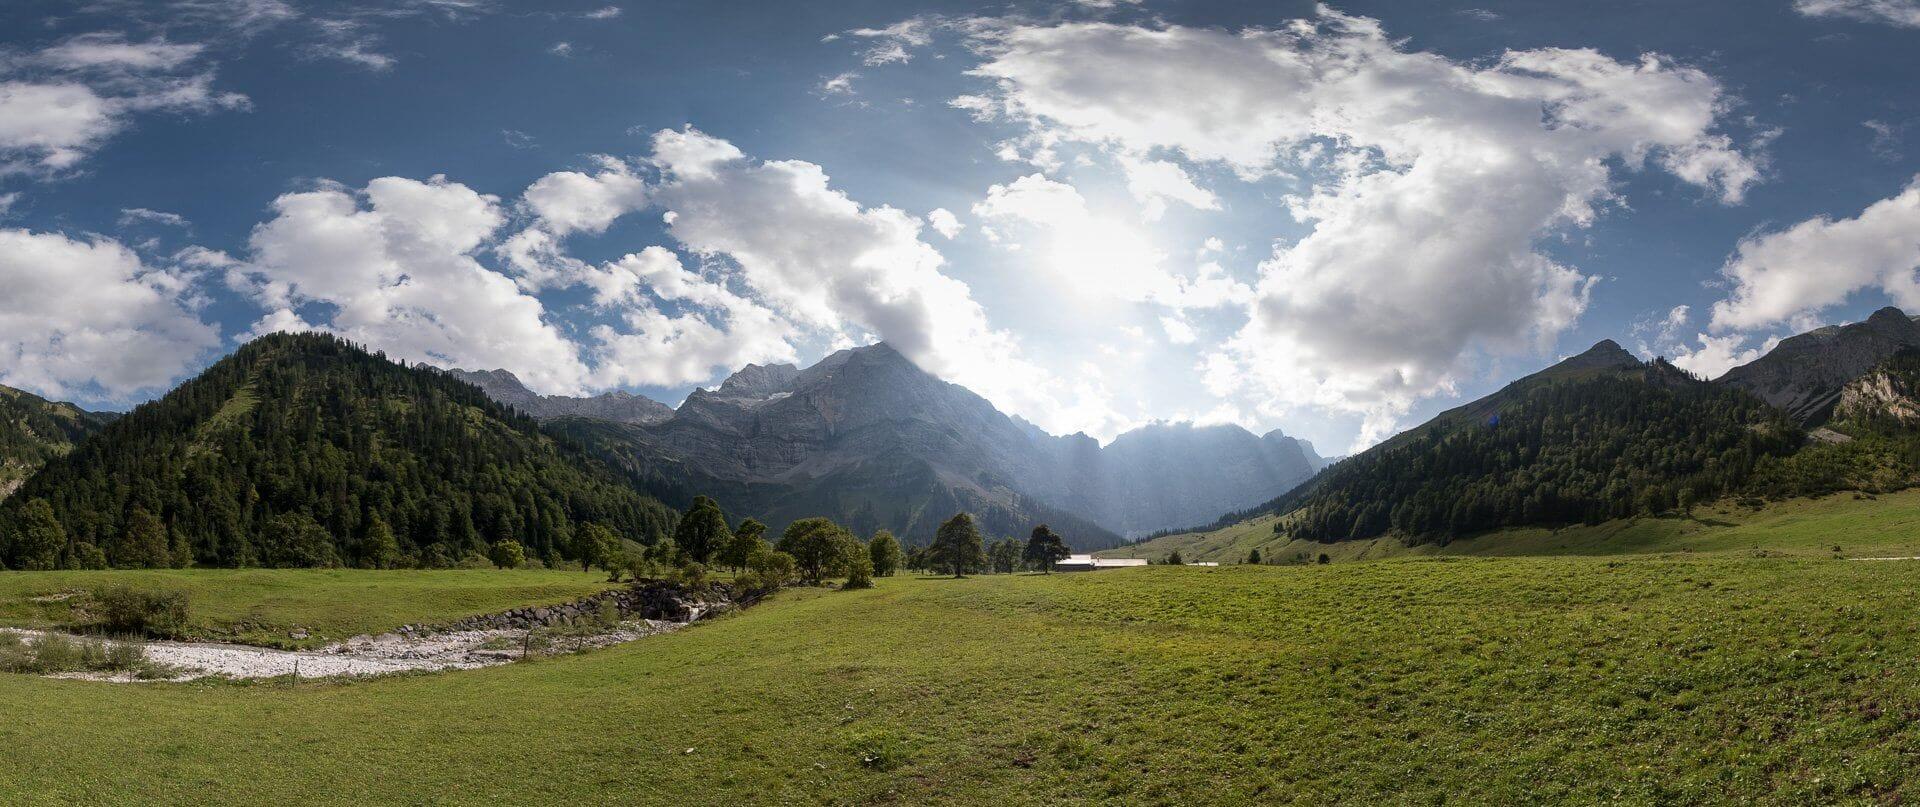 Ahornboden | Landschaftsfotografie